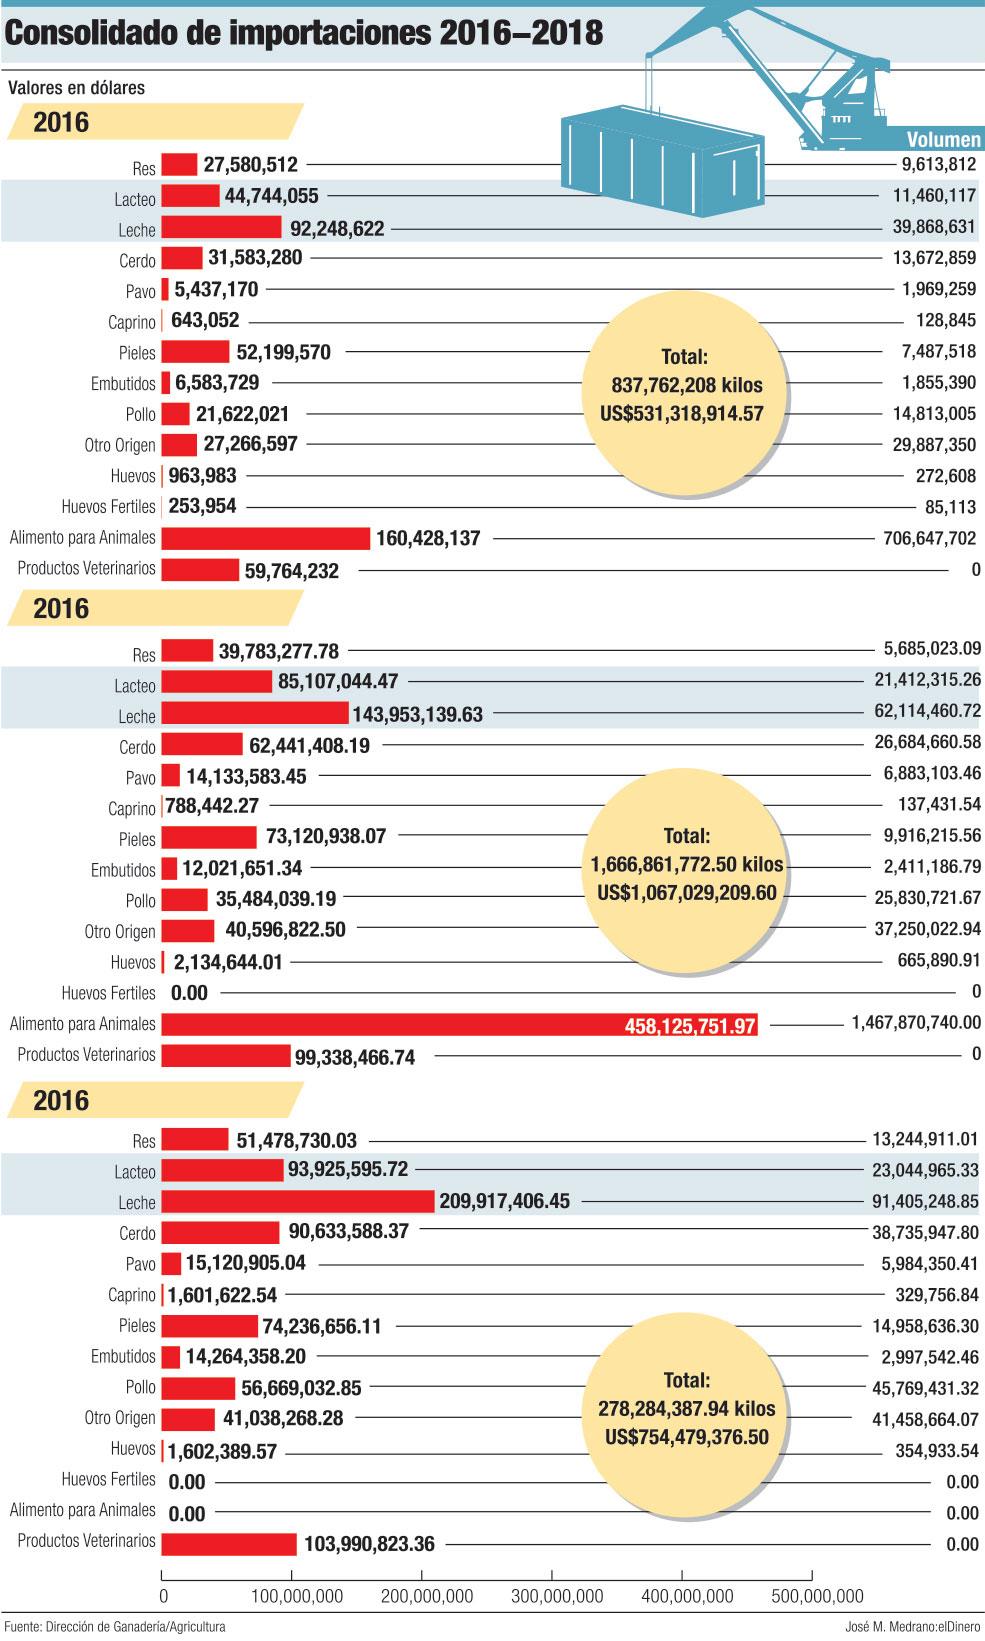 consolidado de importaciones 2016 2018